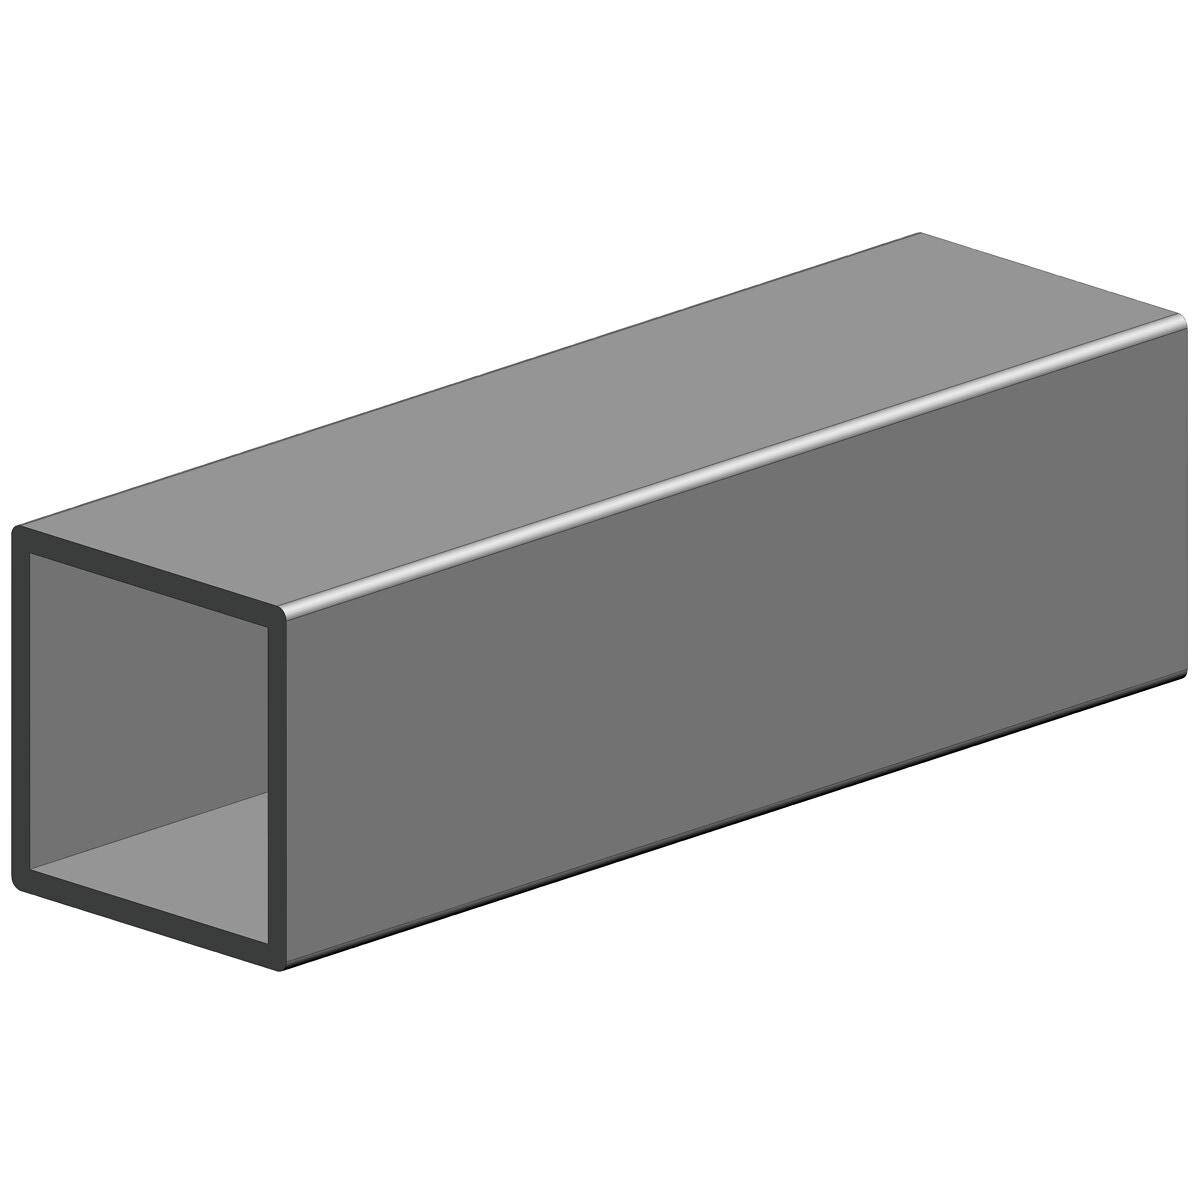 Alumiini neliöputki 30×30